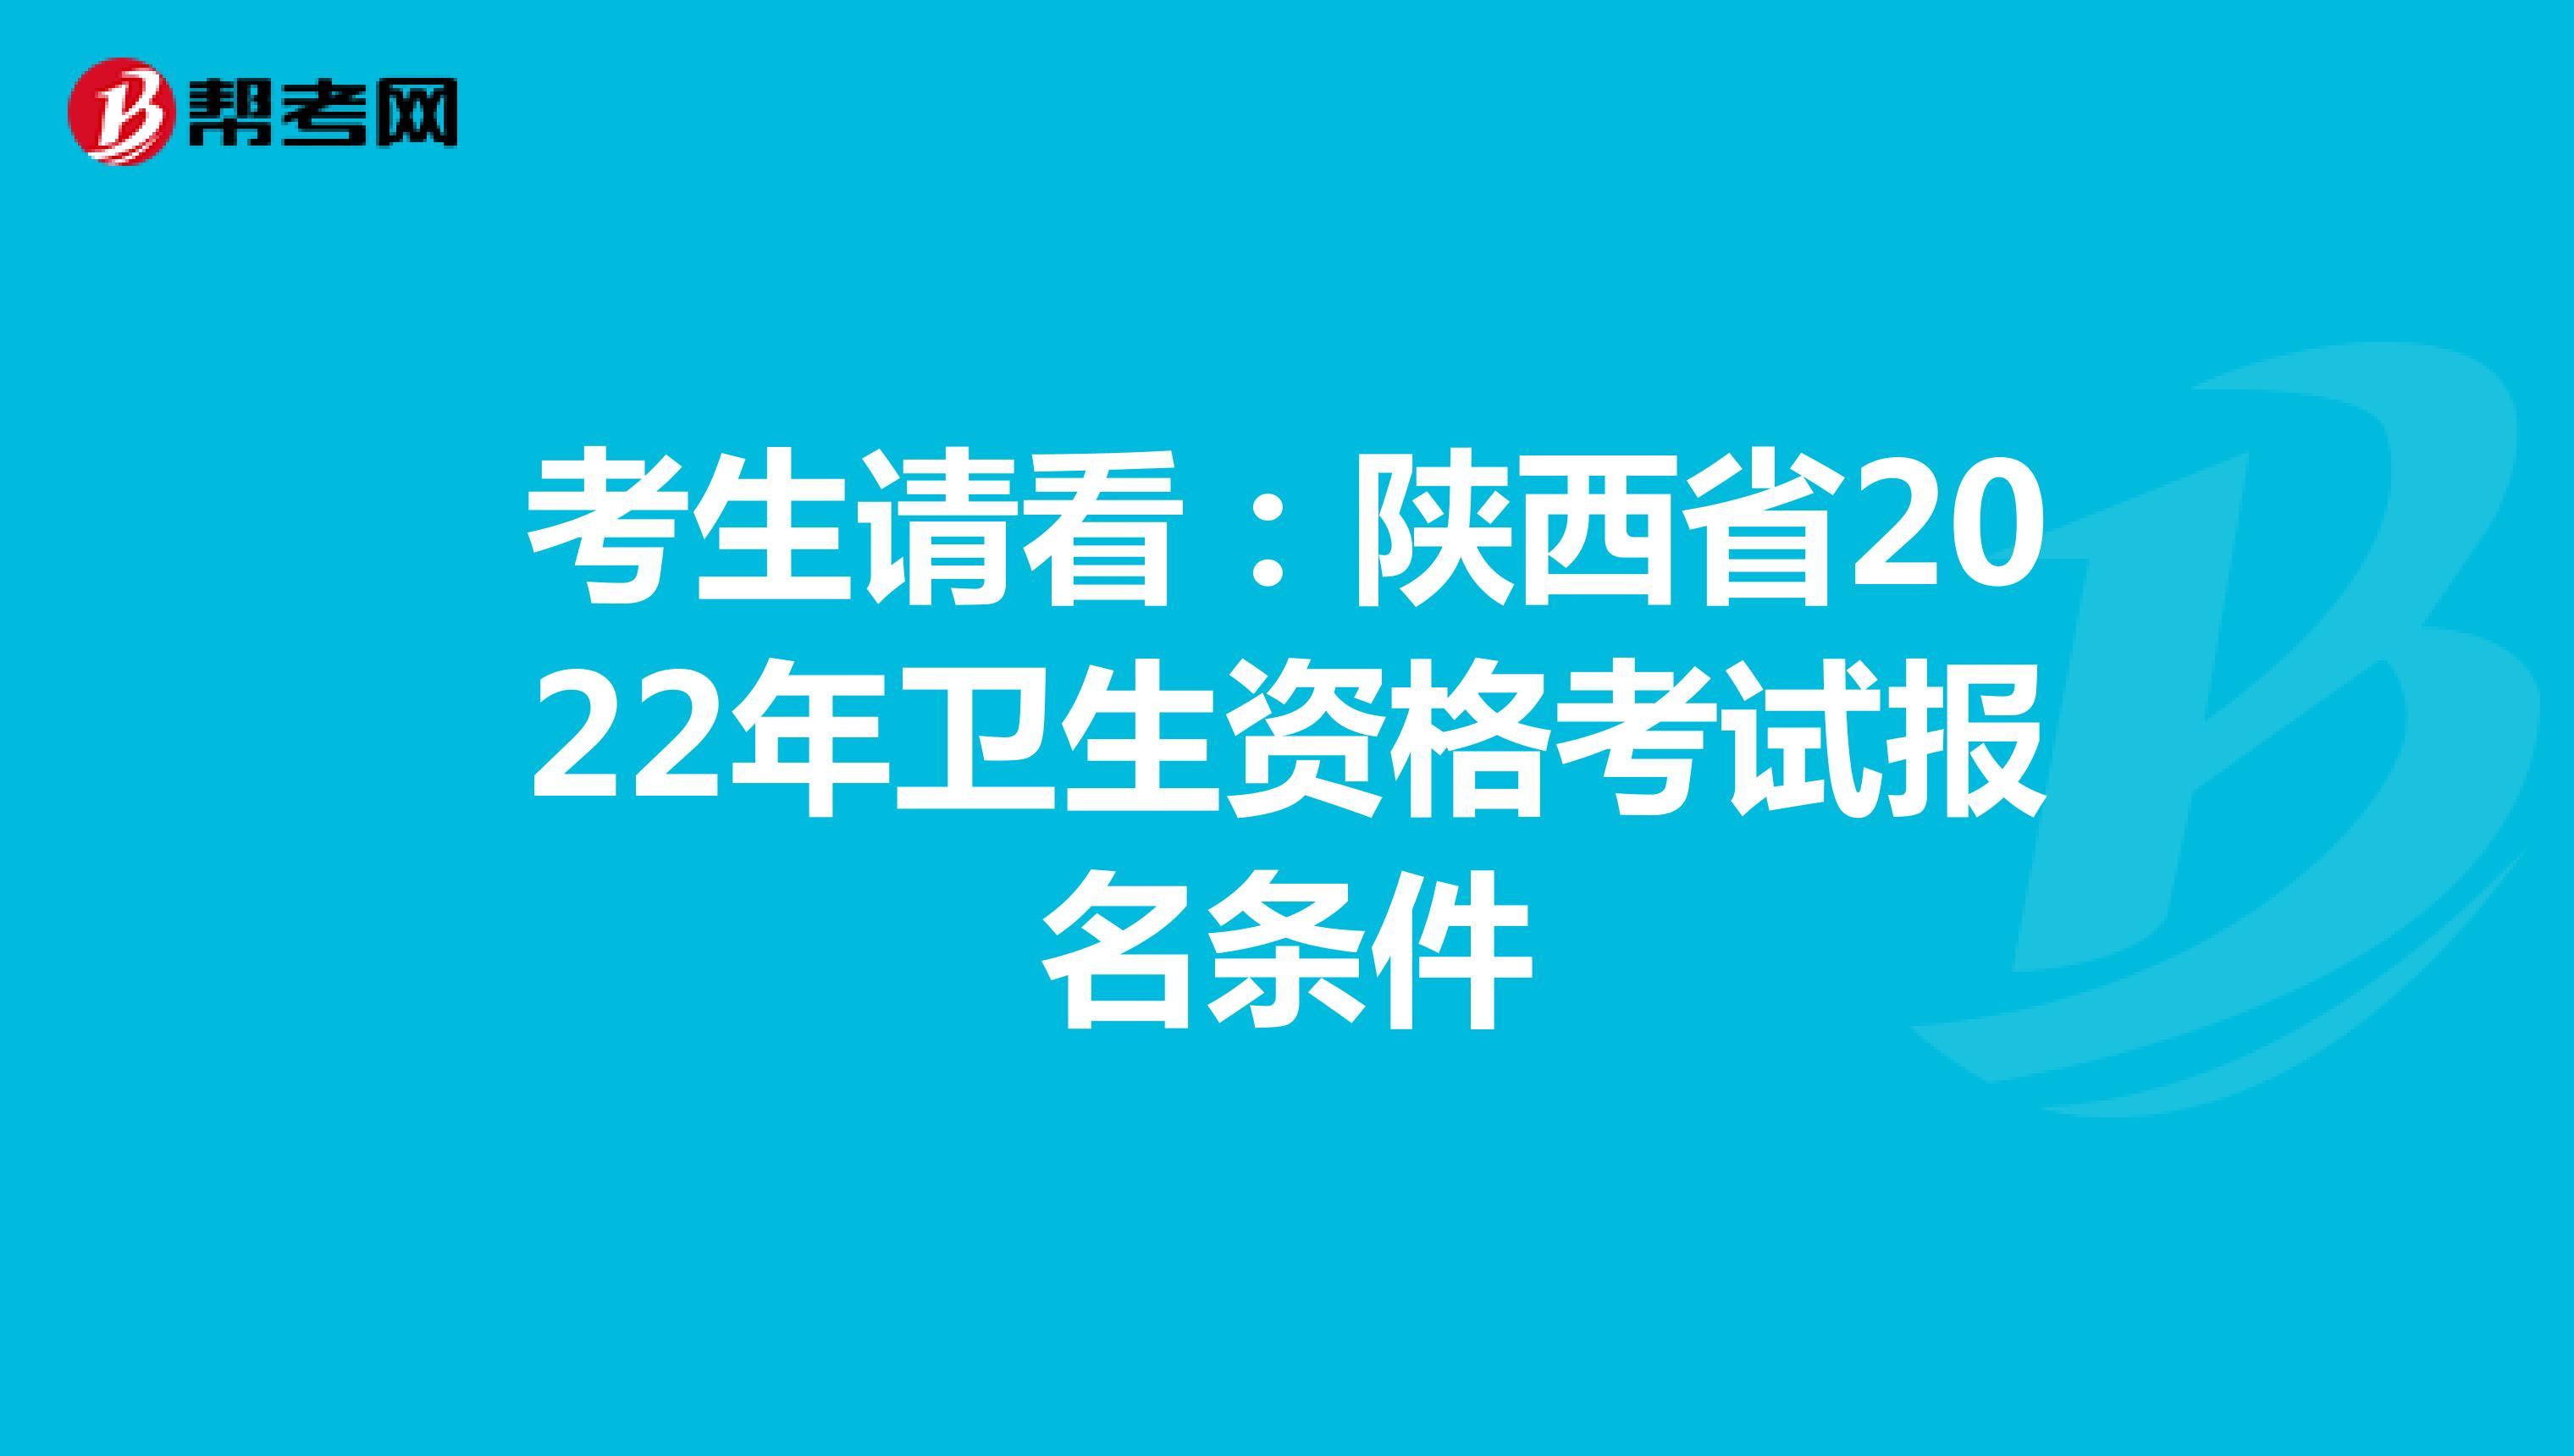 考生请看:陕西省2022年卫生资格考试报名条件